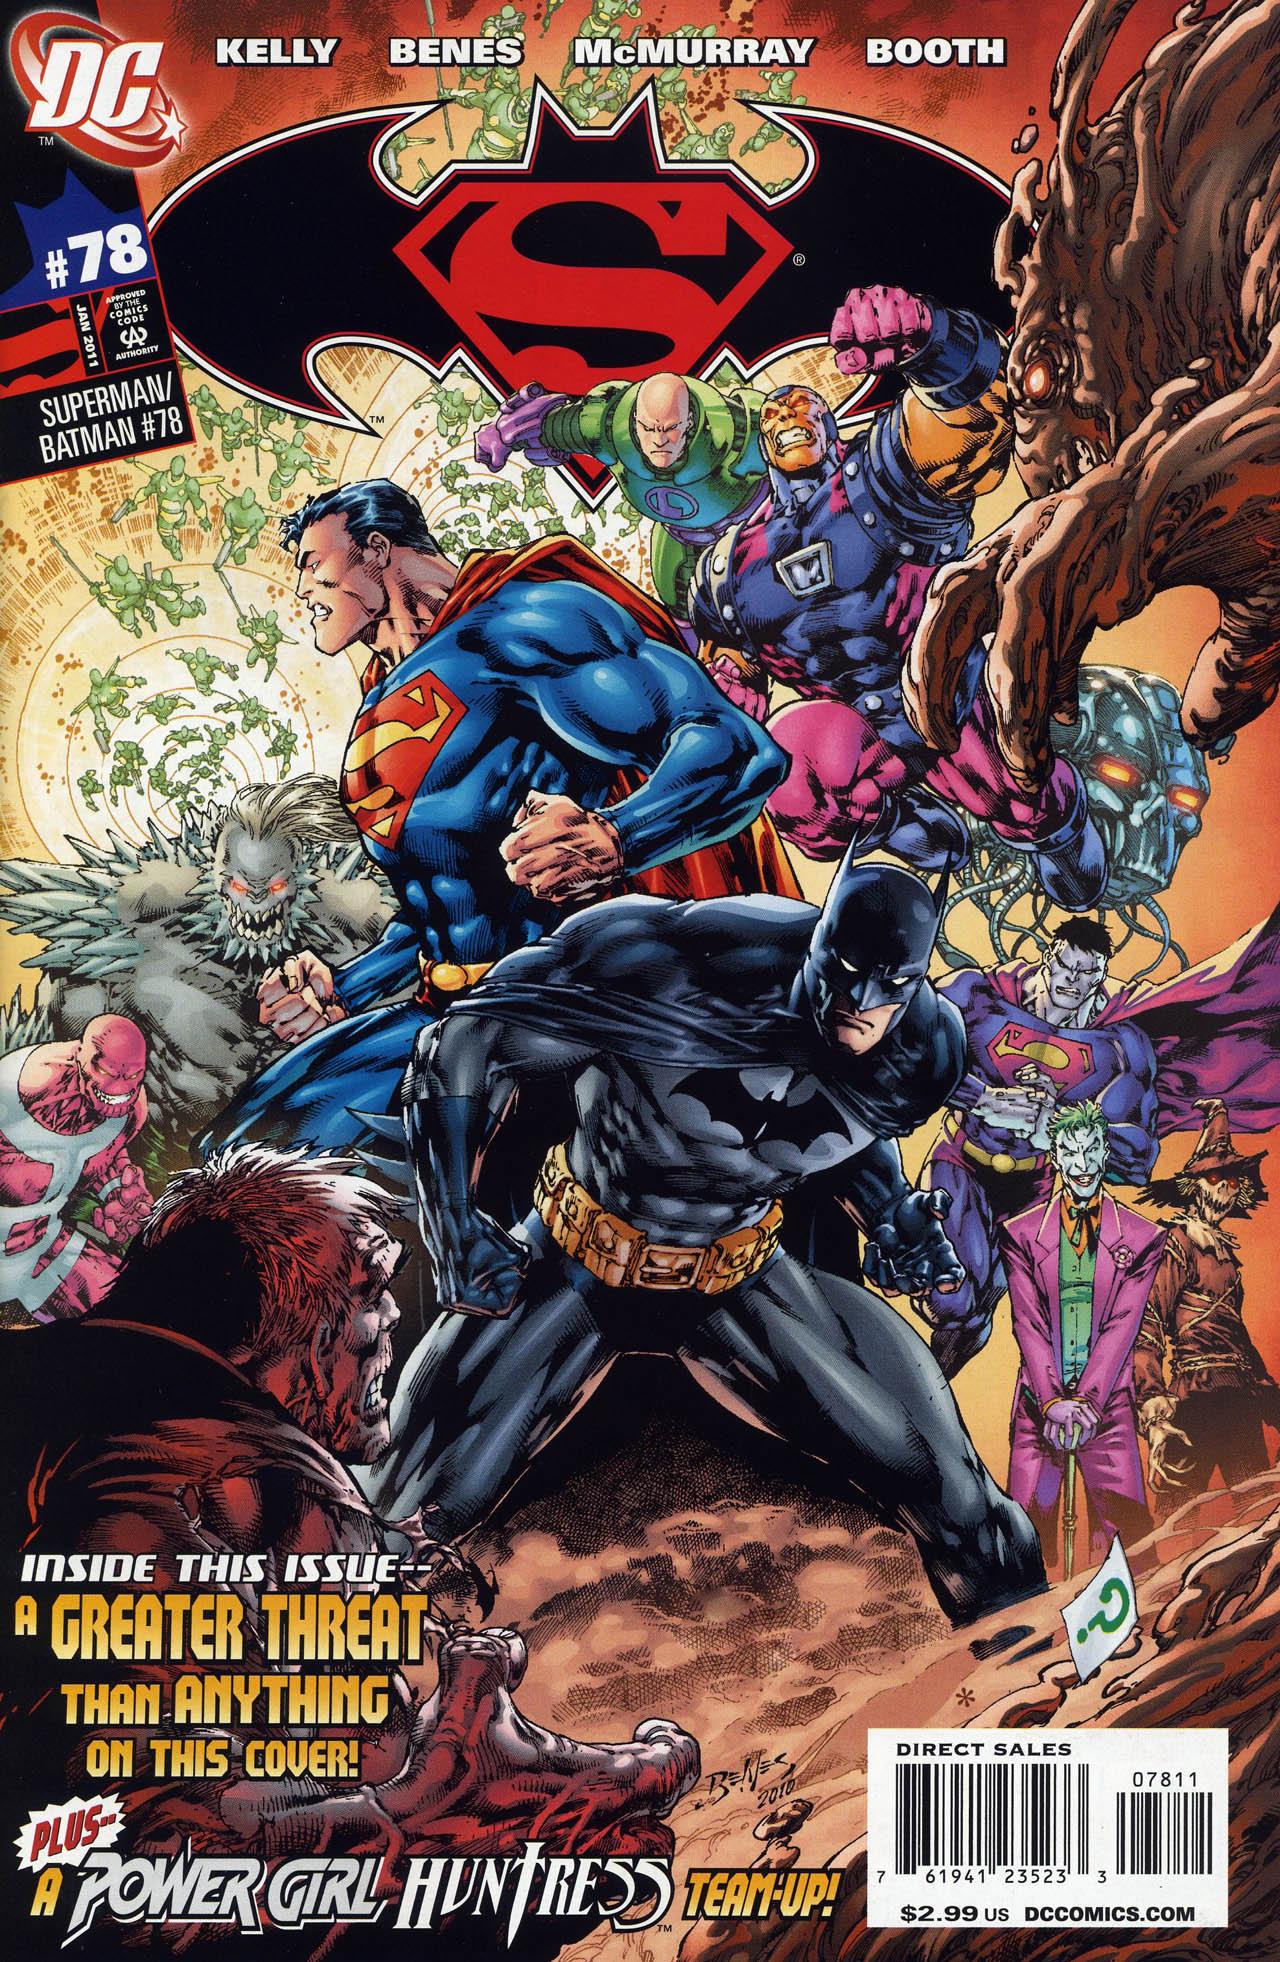 http://images3.wikia.nocookie.net/__cb20101121162639/marvel_dc/images/1/1d/Superman_Batman_Vol_1_78.jpg